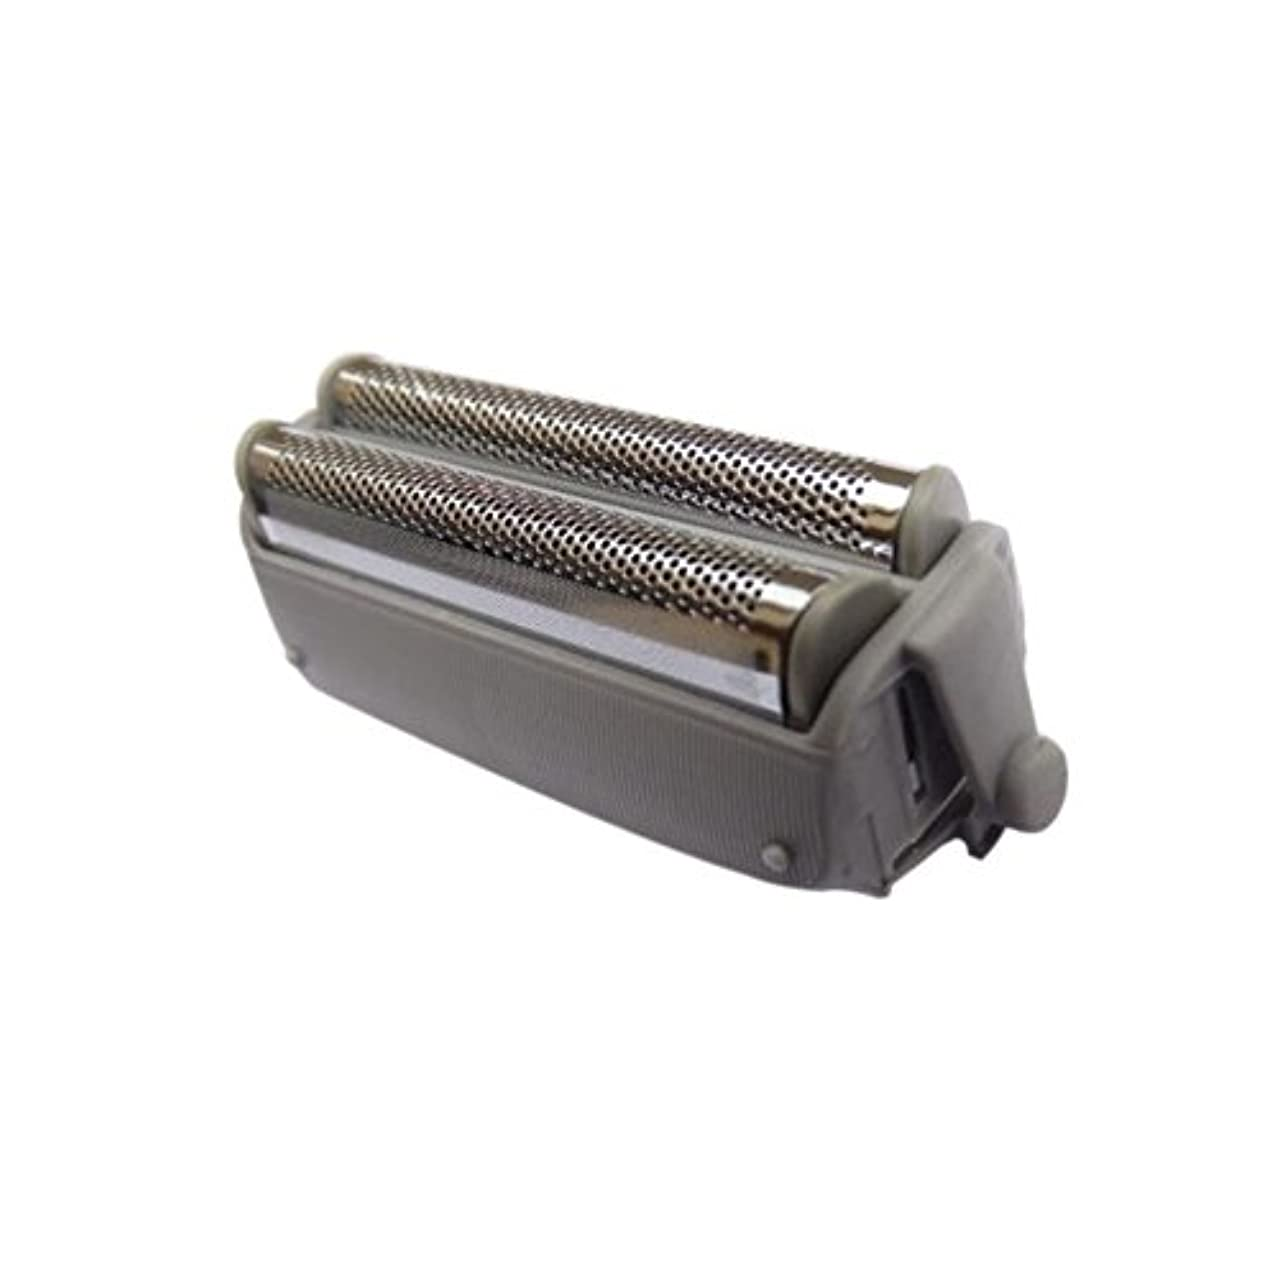 進化首怖がって死ぬHZjundasi Replacement Outer ホイル for Panasonic ES4035/RW30 ES9859